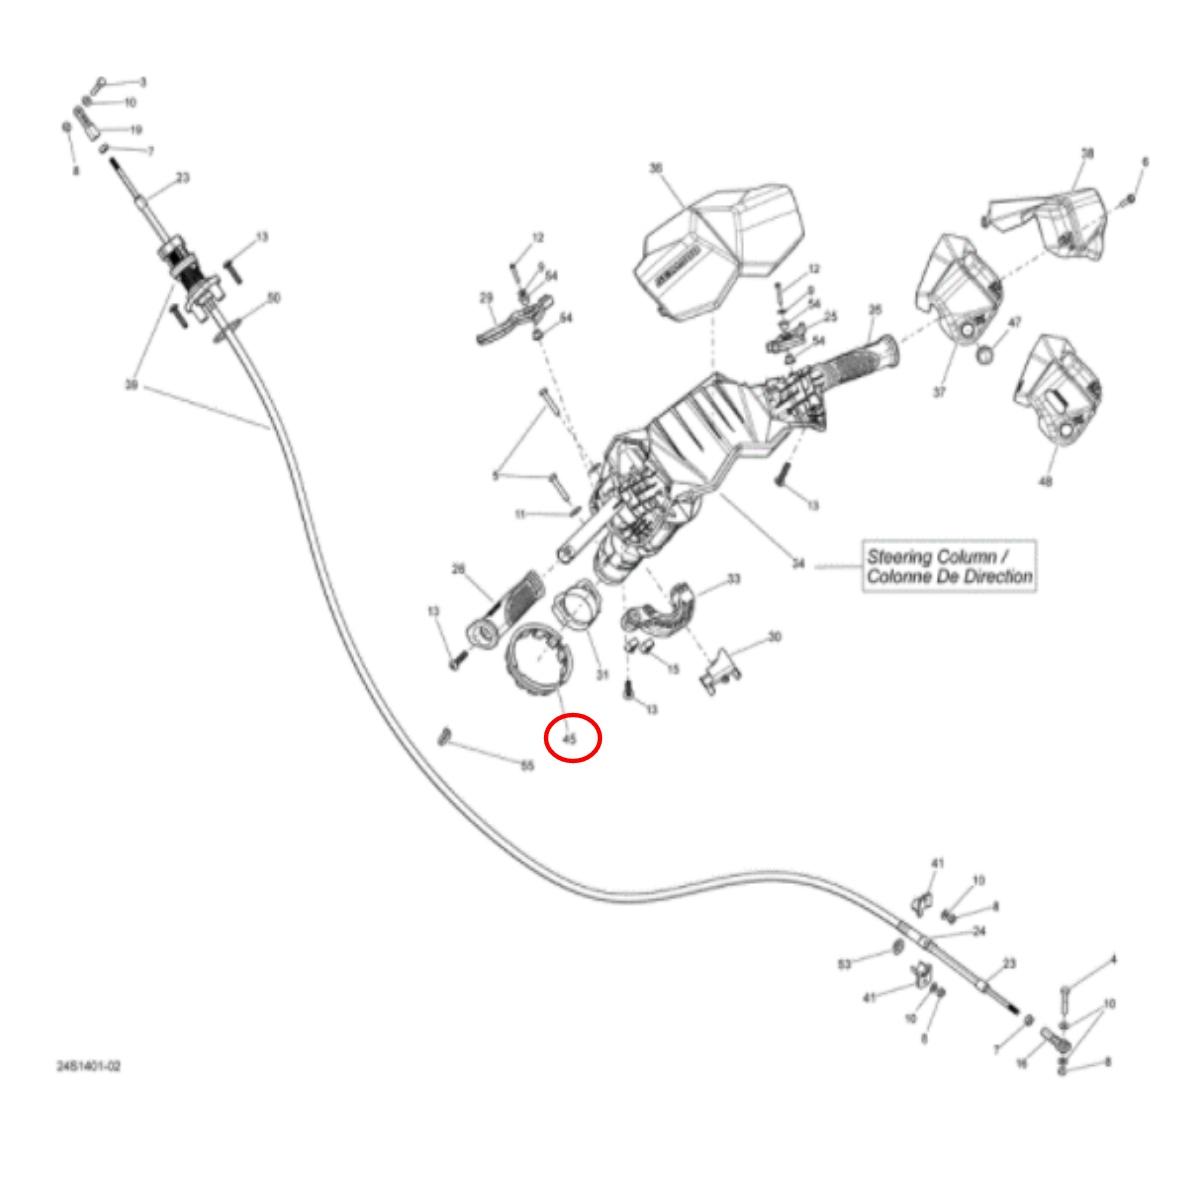 Bucha do Guidão Para Jet Sea Doo  - Radical Peças - Peças para Jet Ski